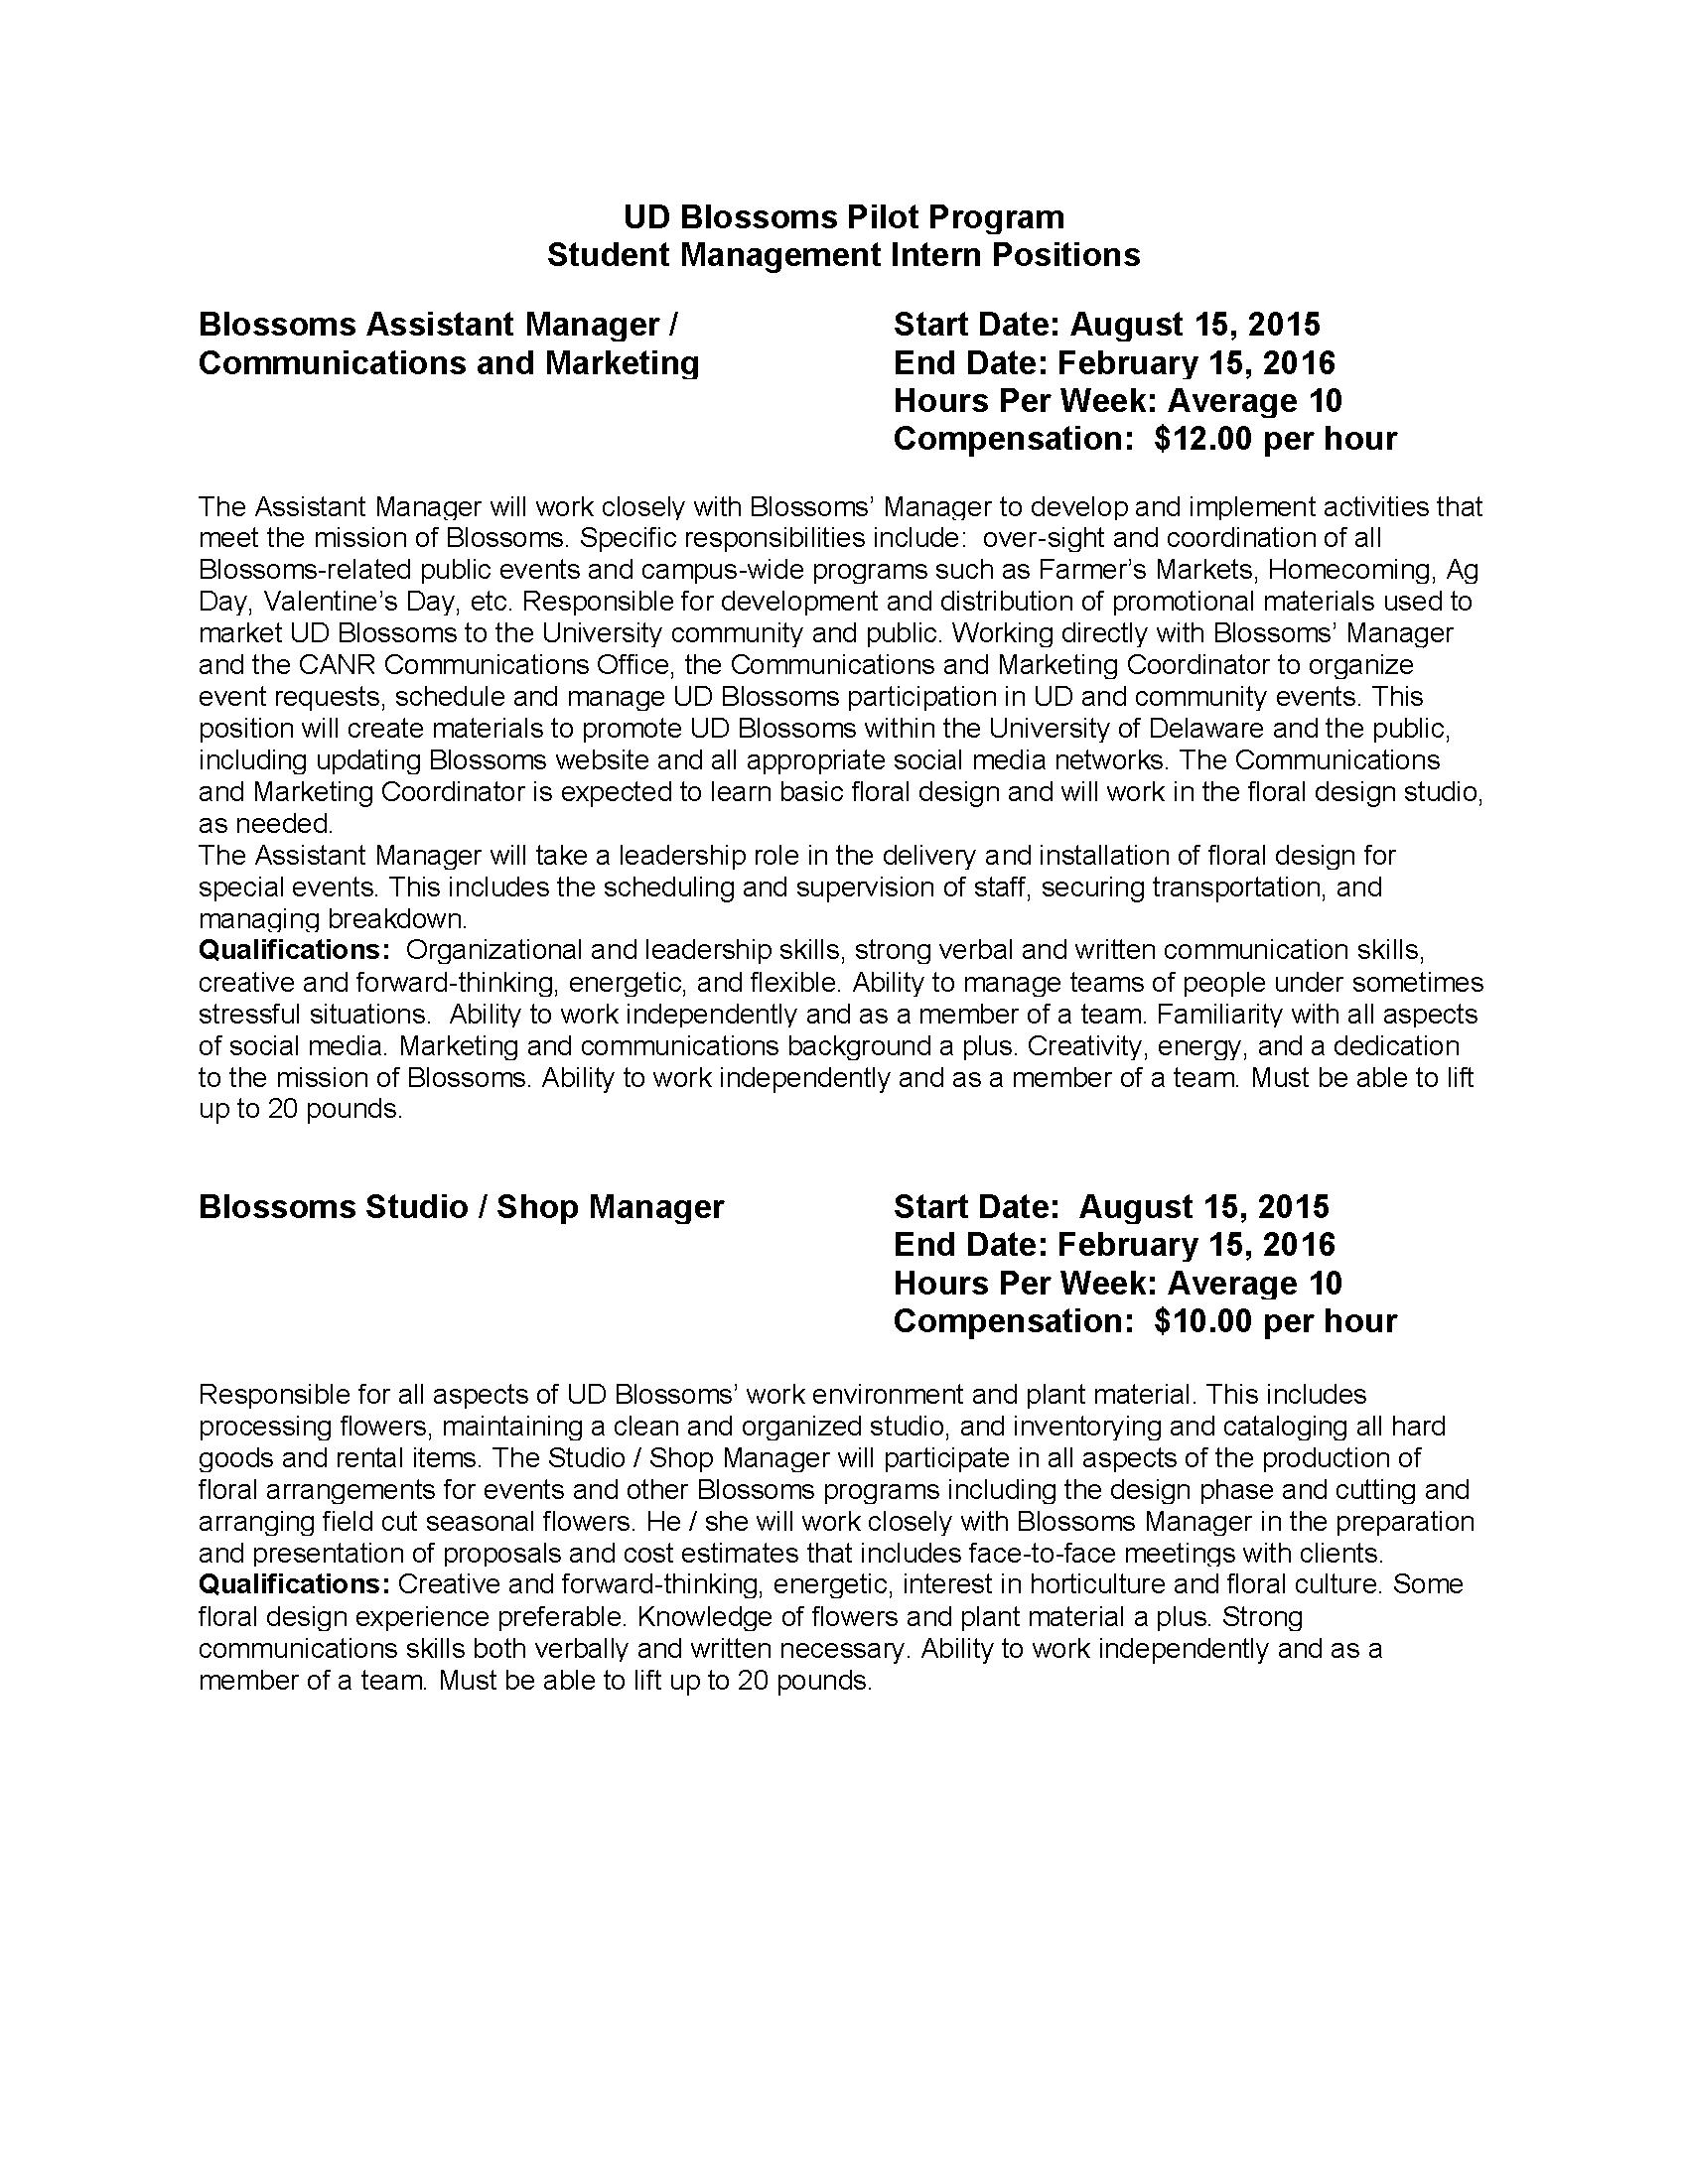 UD BLOSSOMS Internship Description4_Page_2